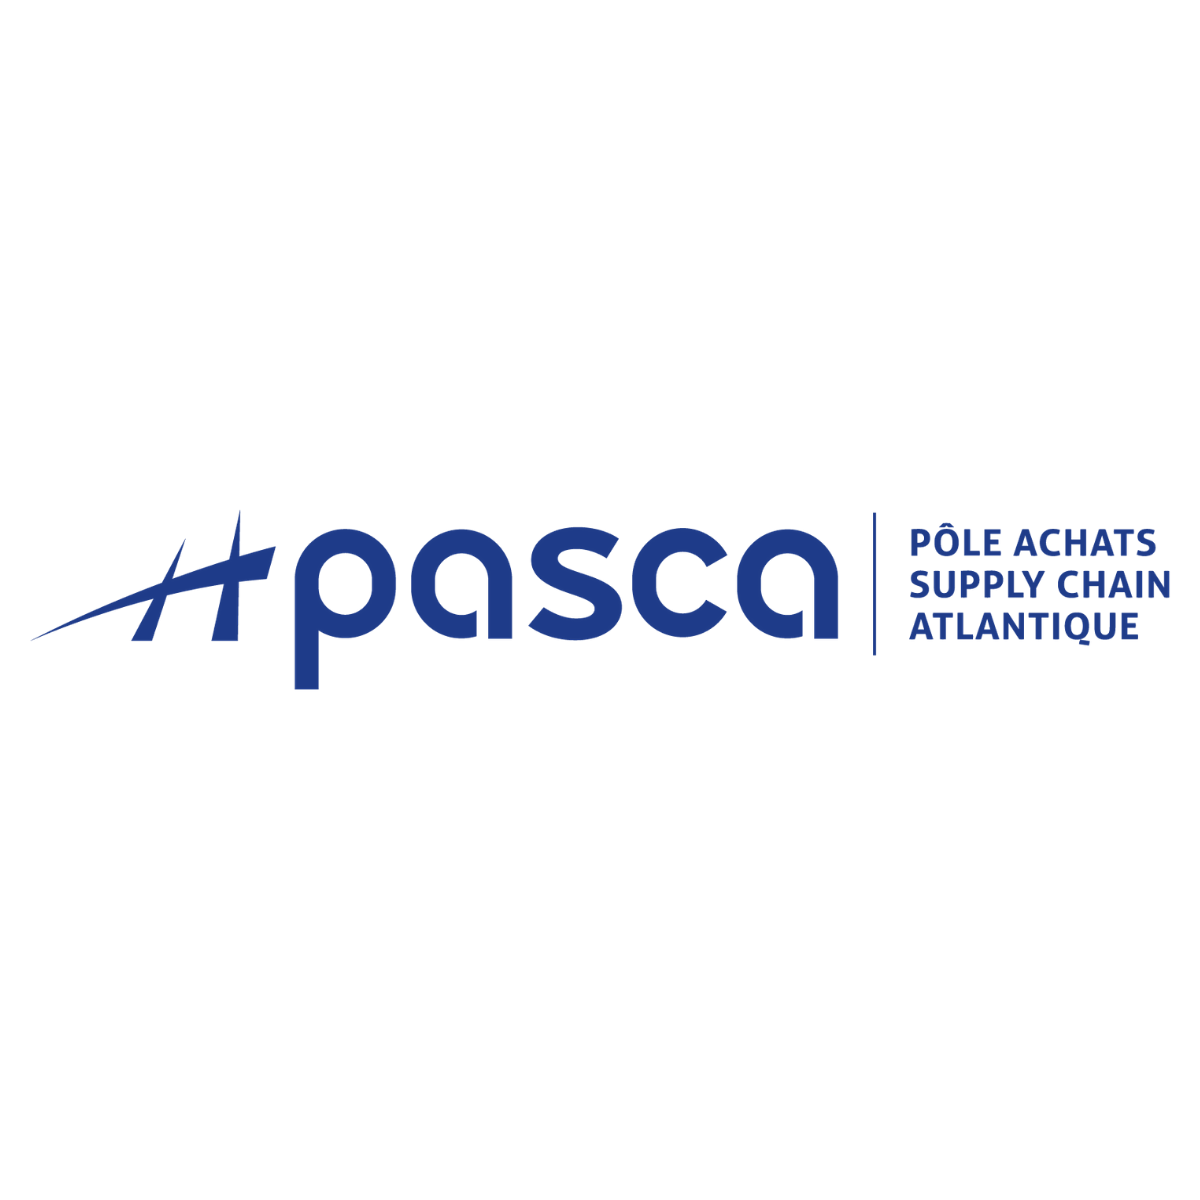 Pasca, Pôle achats supply chain atlantique